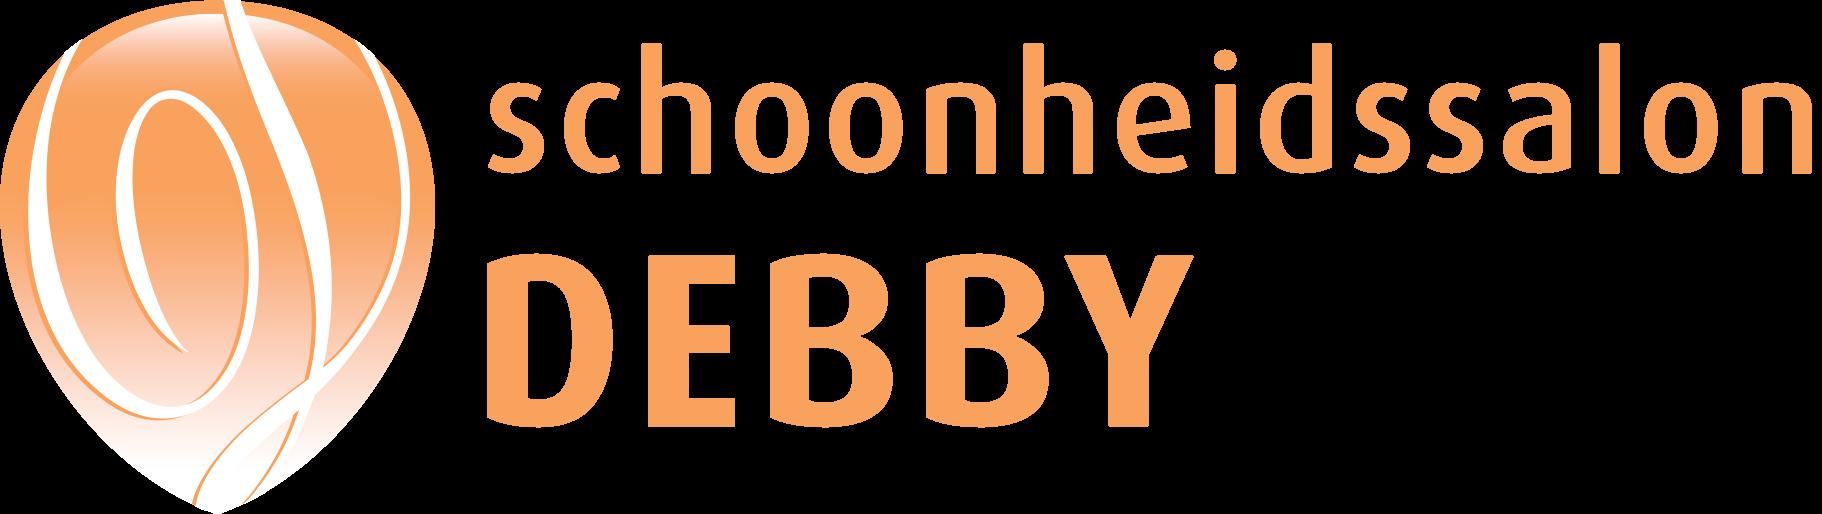 Schoonheidssalon Debby